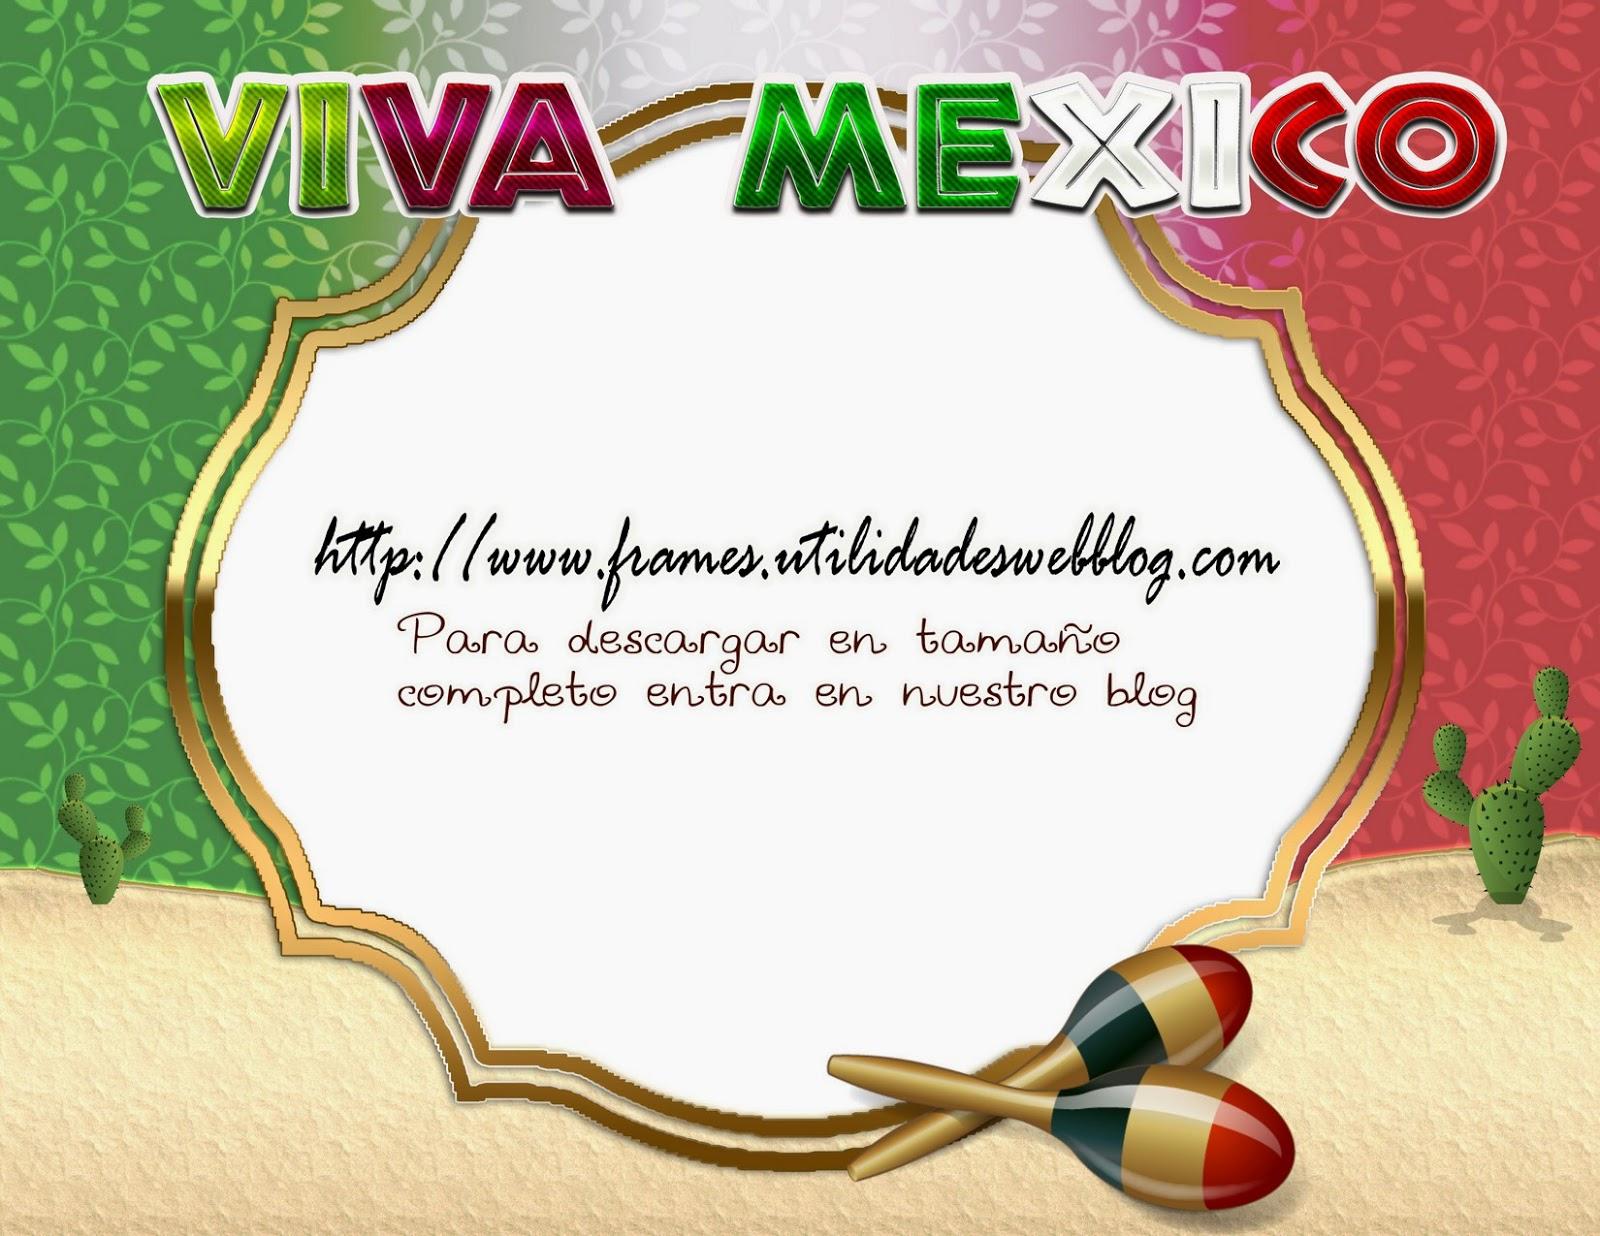 Marco para hacer fotomontajes de mexico